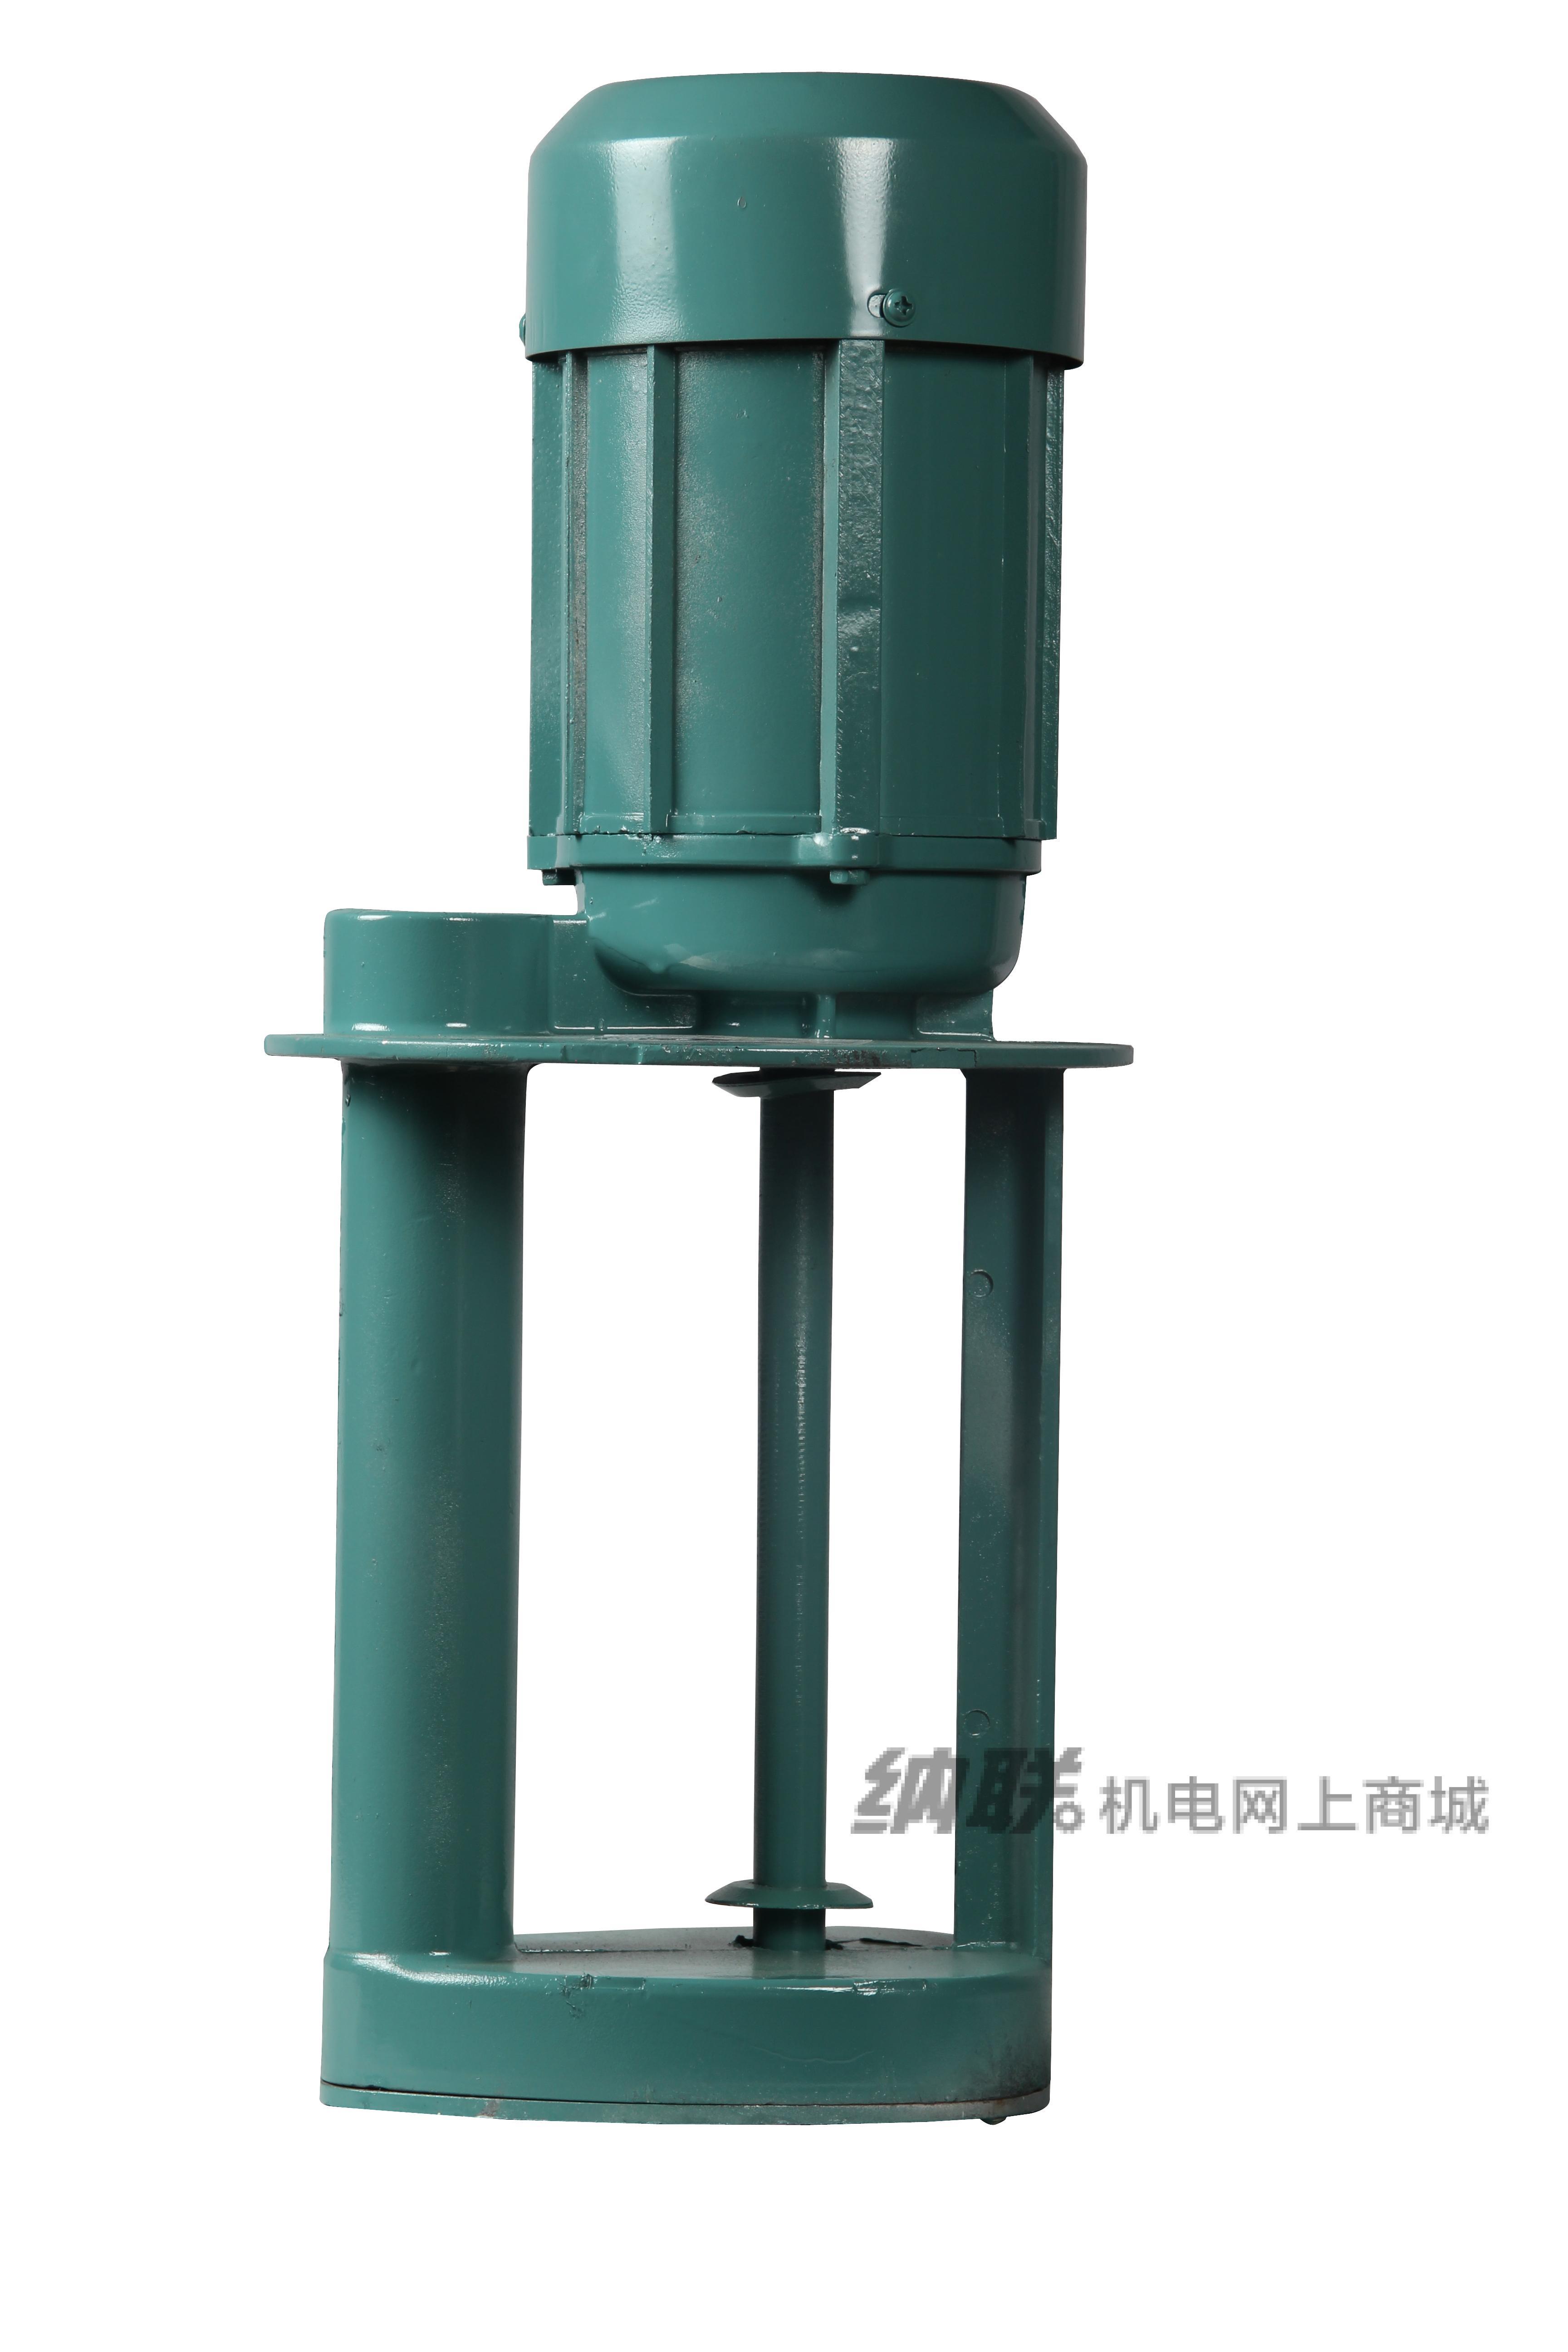 纳联机电 机床冷却泵-AB-200\450W三铜